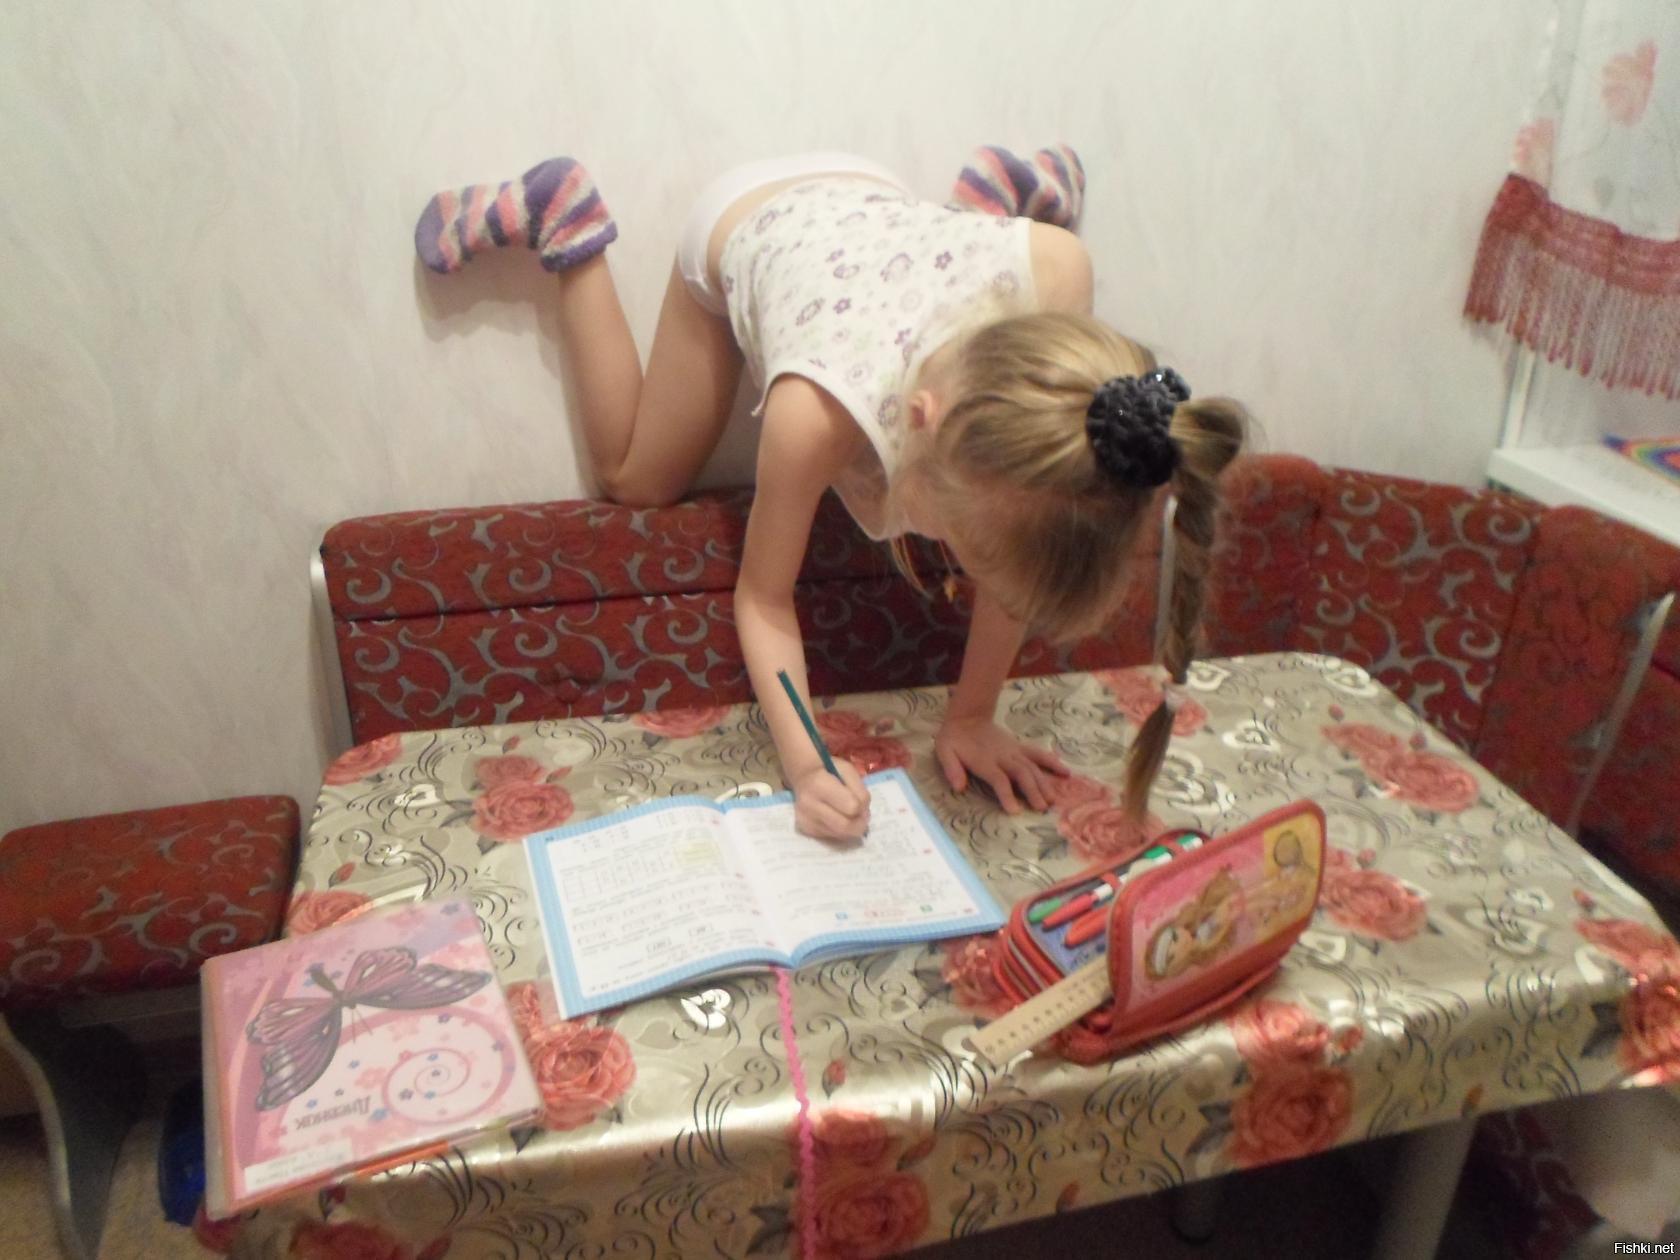 делать с детьми уроки картинки приколы примите